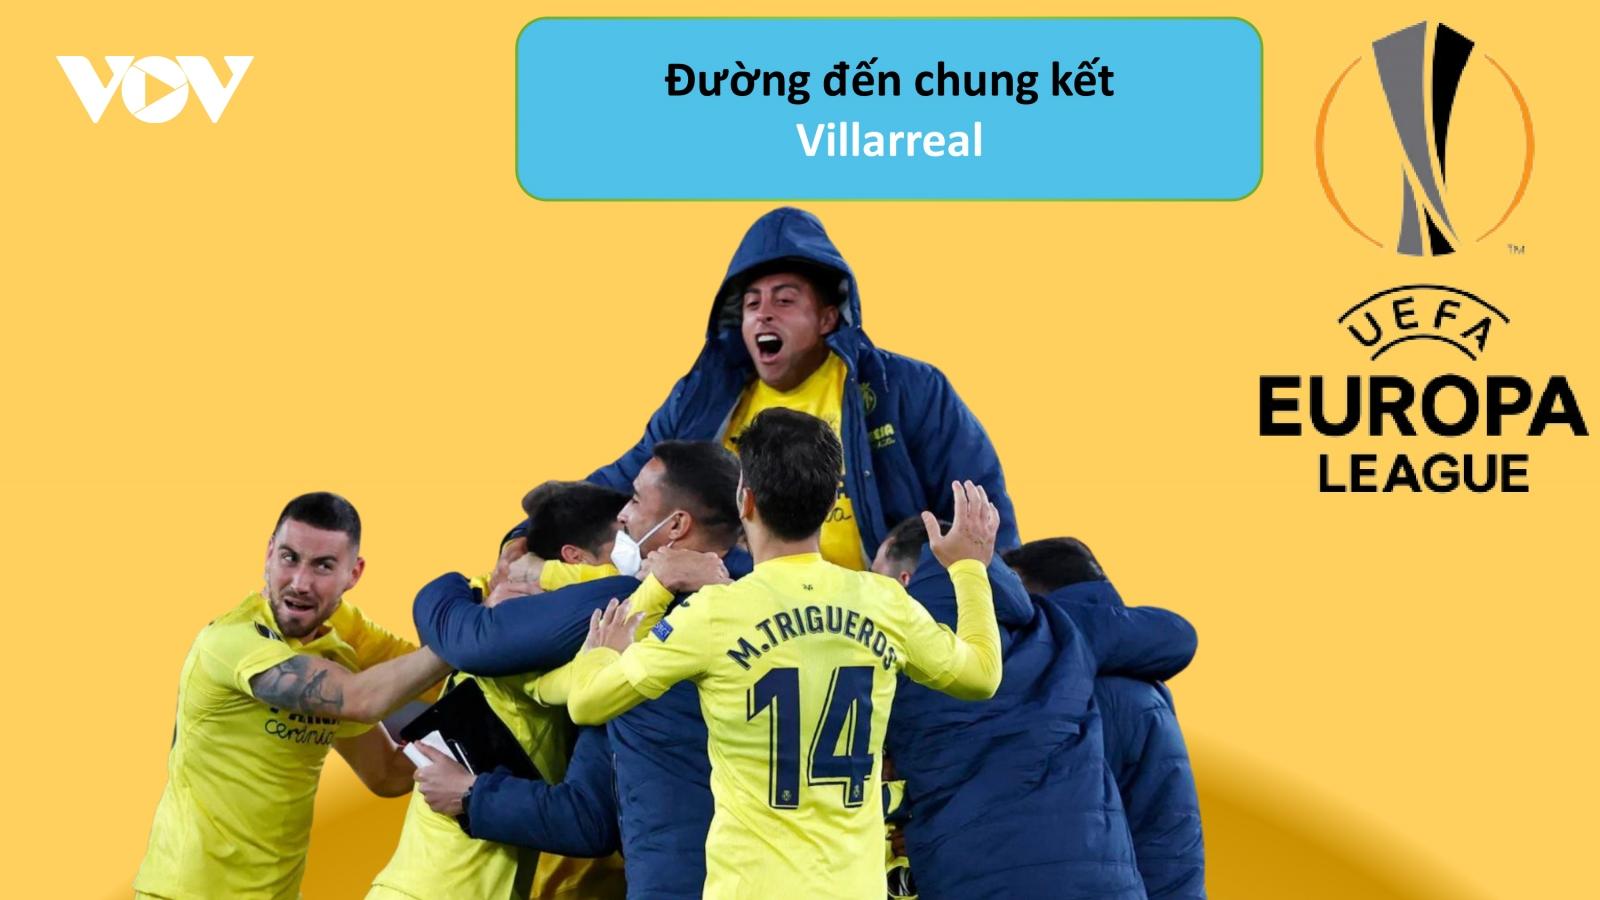 Đường đến chung kết Europa League 2020/2021 của Villarreal